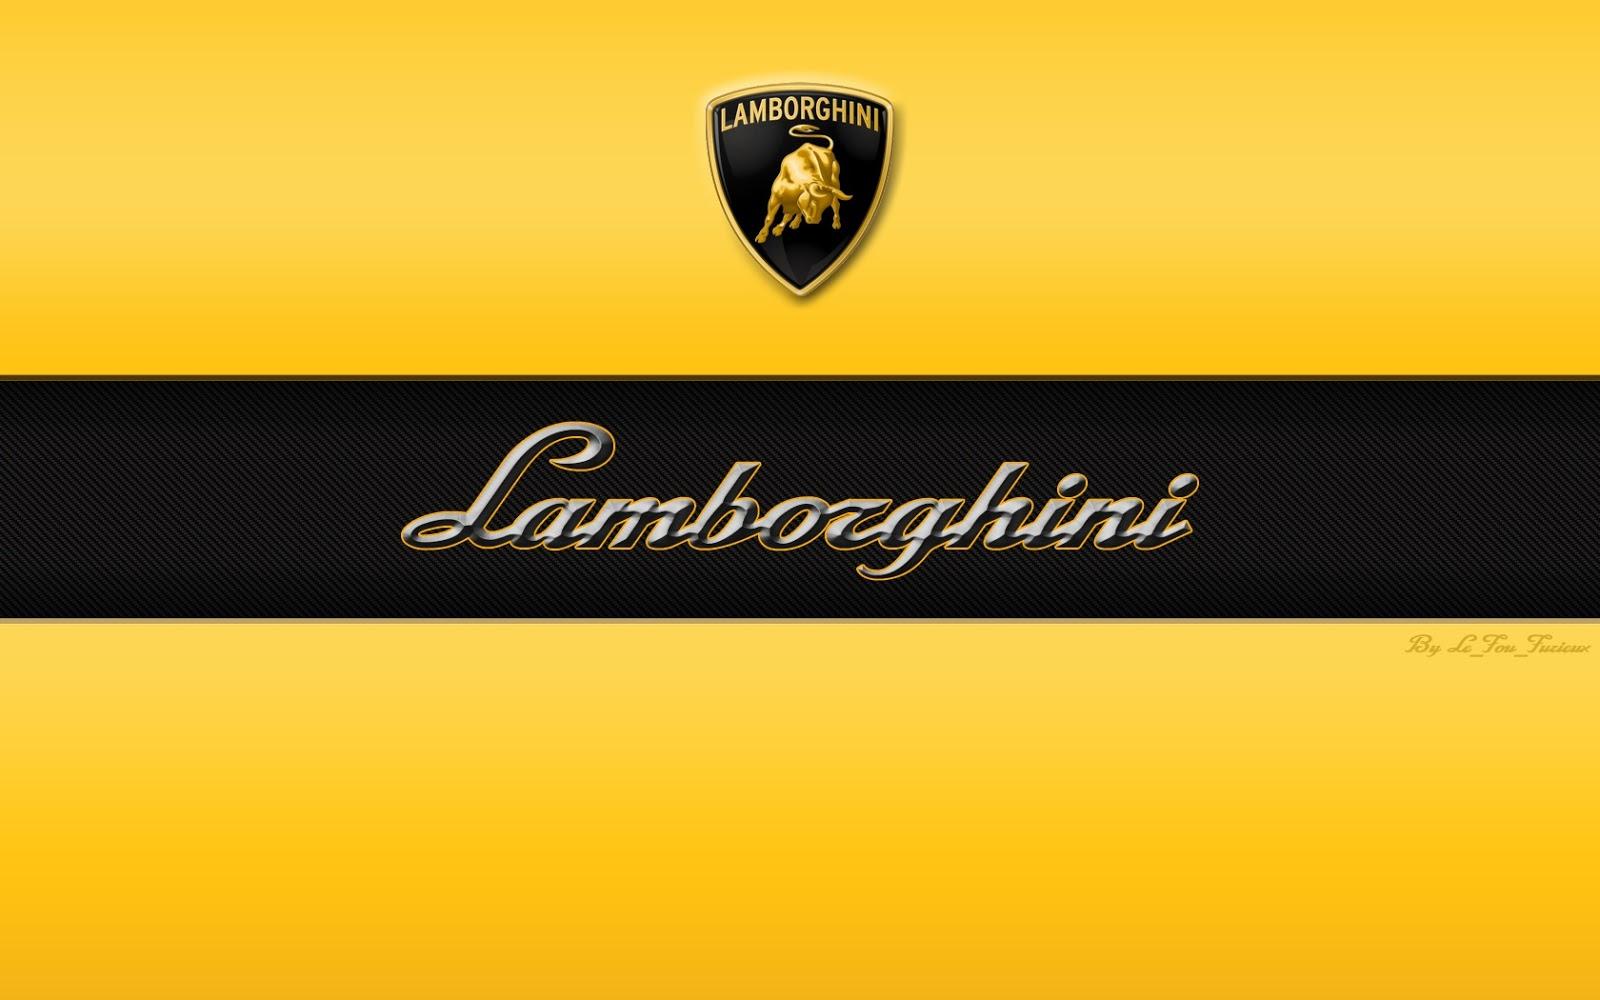 Lamborghini Logo lamborghini logo imageslamborghini logo wallpaper 1600x1000